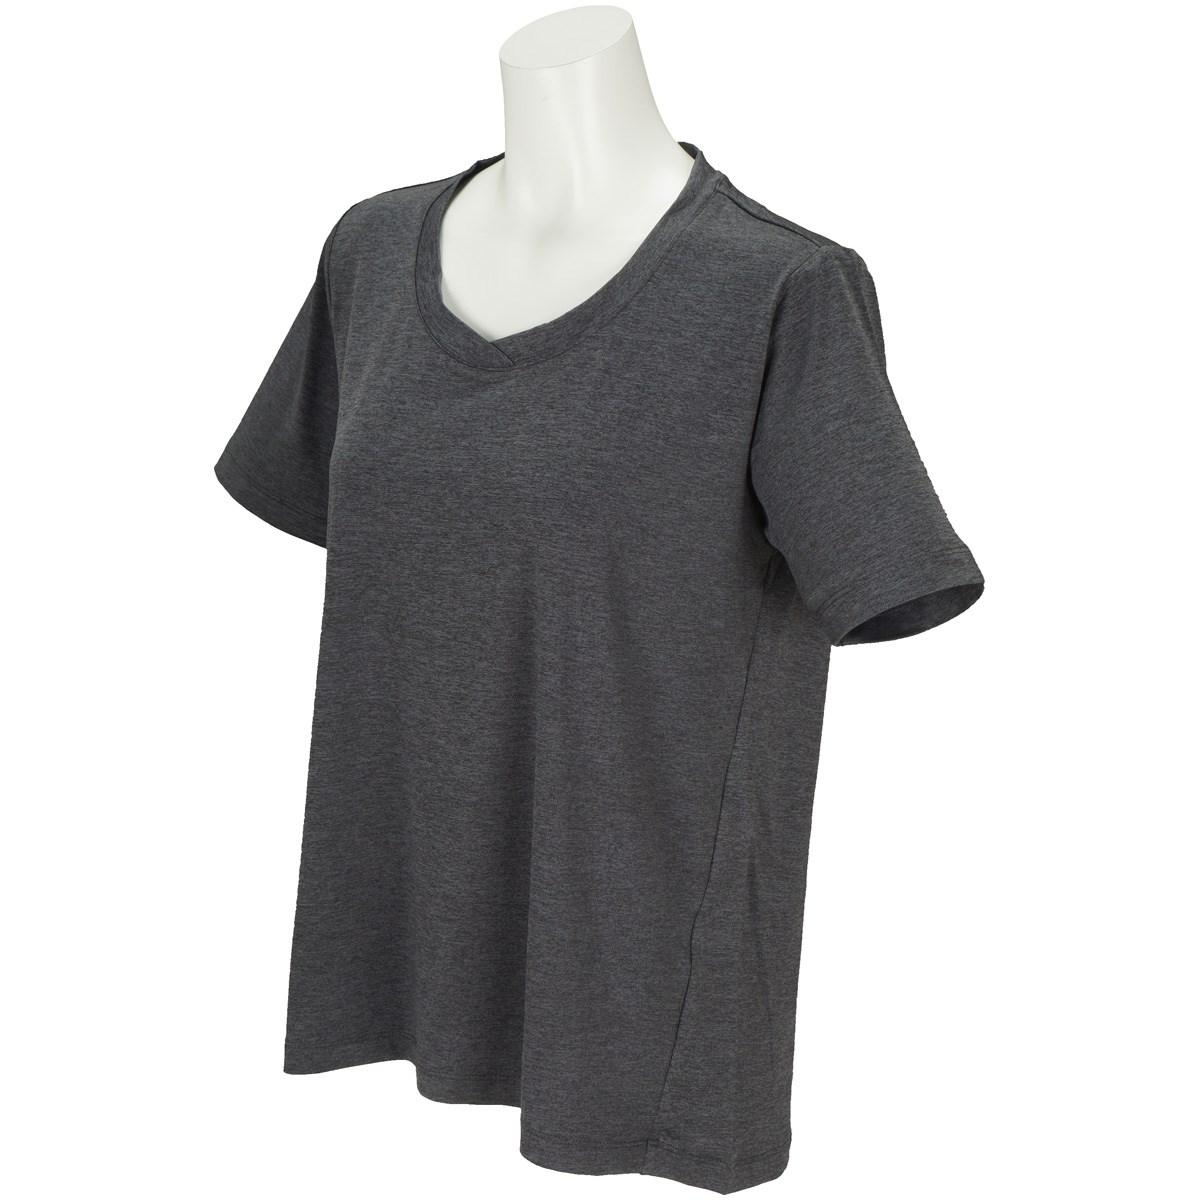 ボディグローブ BODY GLOBE ストレッチ デザイン半袖Tシャツ M ブラック レディス